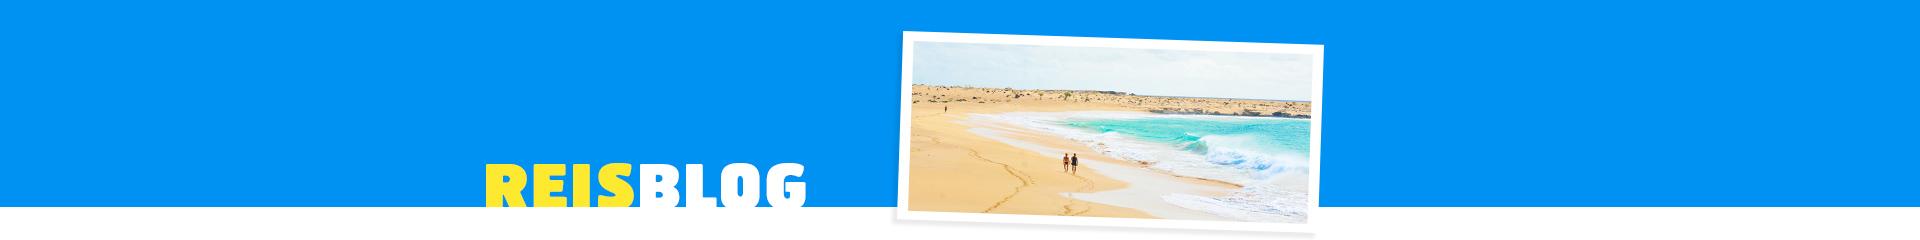 Kaapverdië: welk eiland is het leukst voor een vakantie?